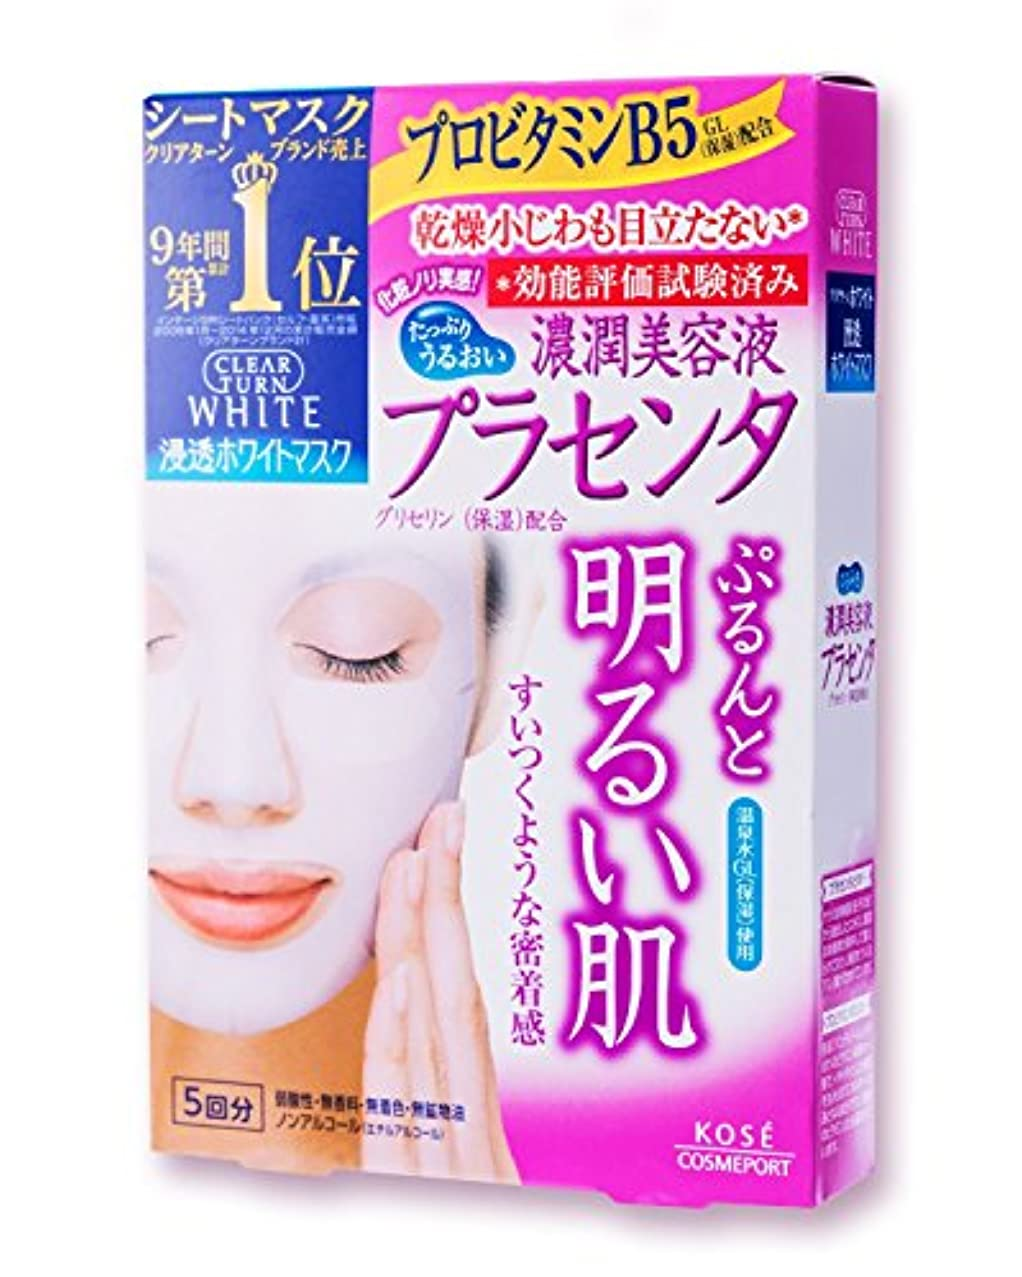 すぐに膨らみ抽選【Amazon.co.jp限定】KOSE コーセー クリアターン ホワイト マスク (プラセンタ) 5枚 リーフレット付 フェイスマスク